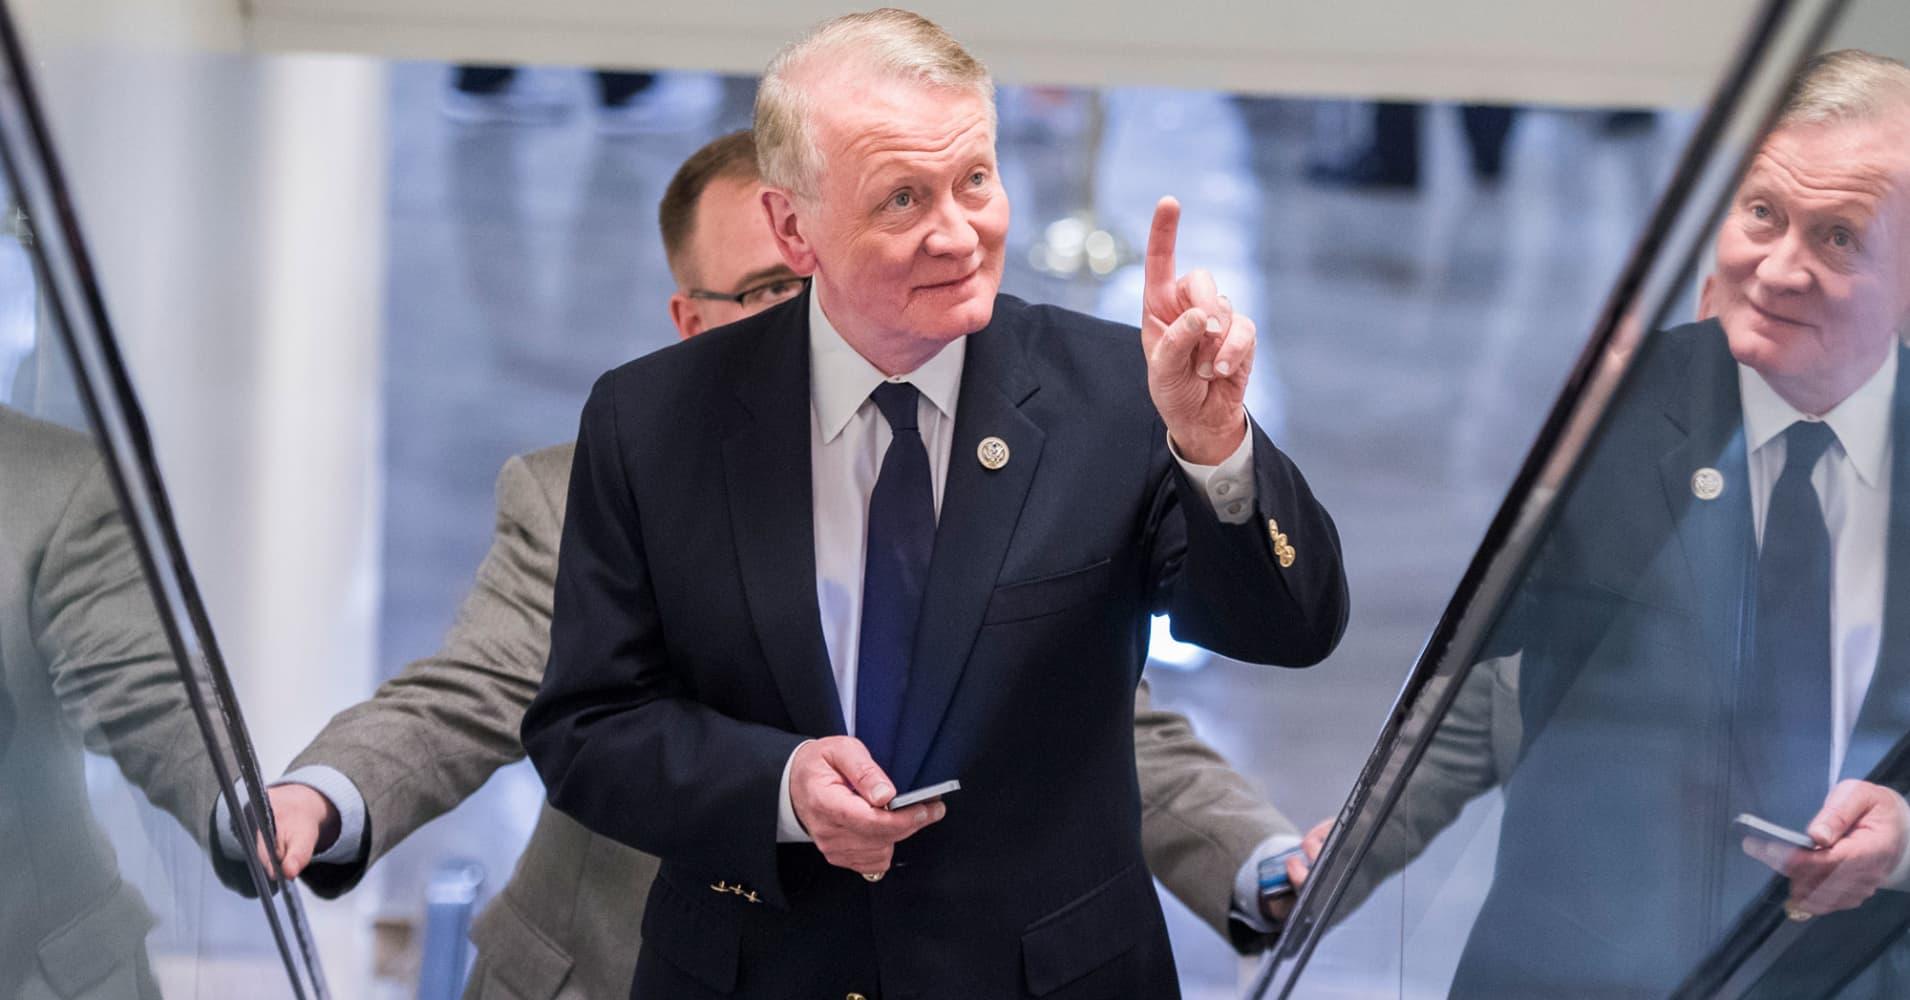 Tax reform bill picks